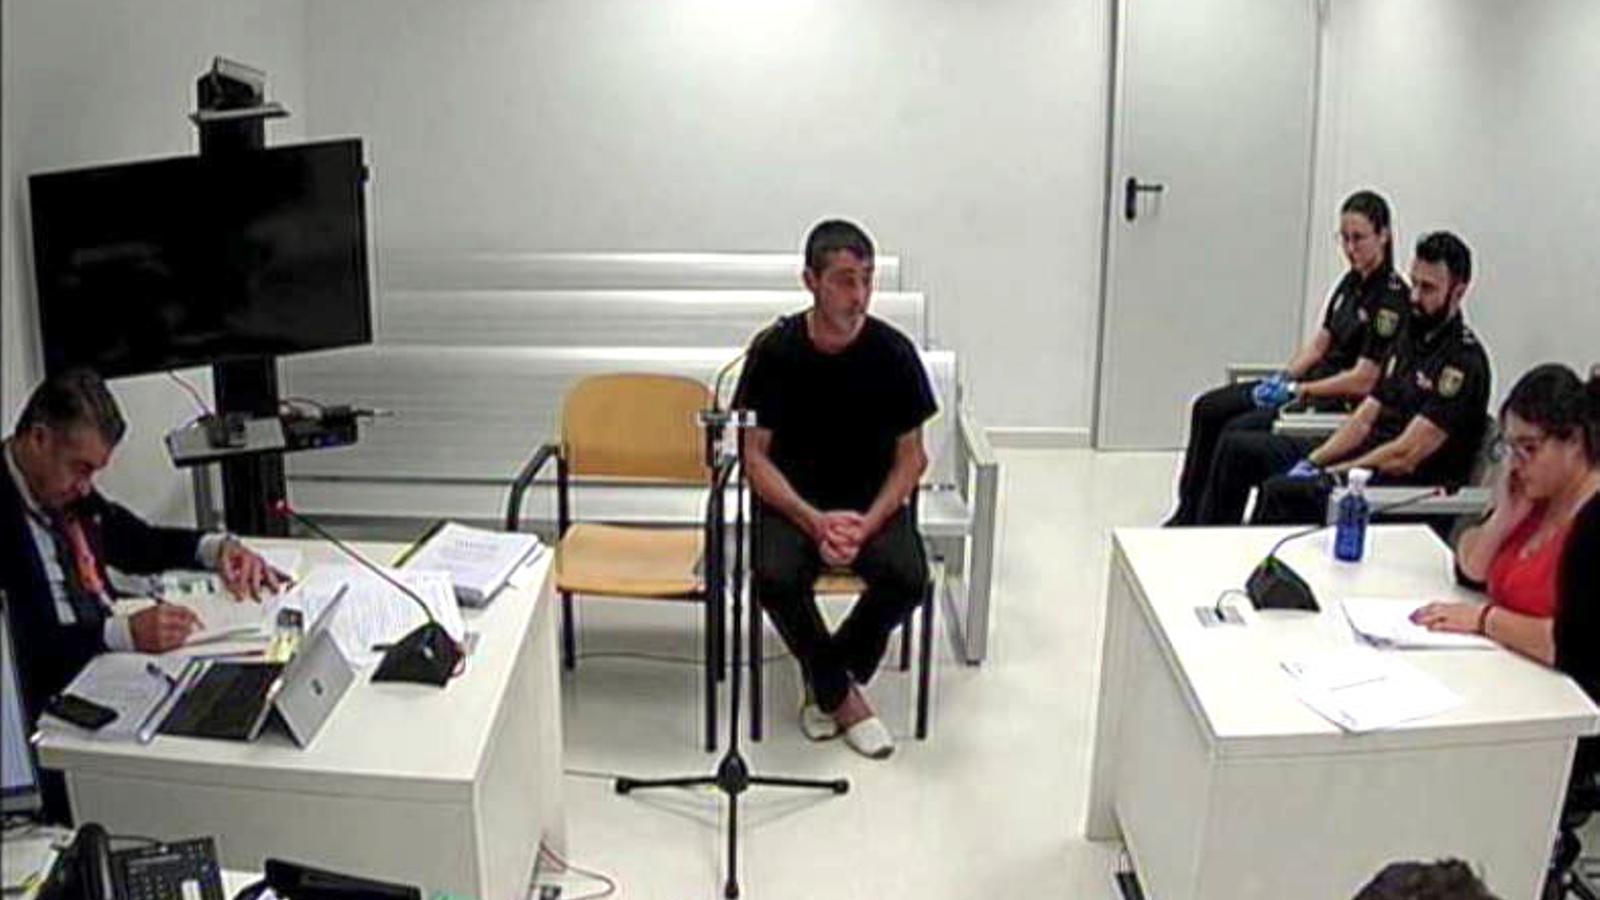 L'Audiència Nacional manté en presó provisional els CDR acusats de terrorisme